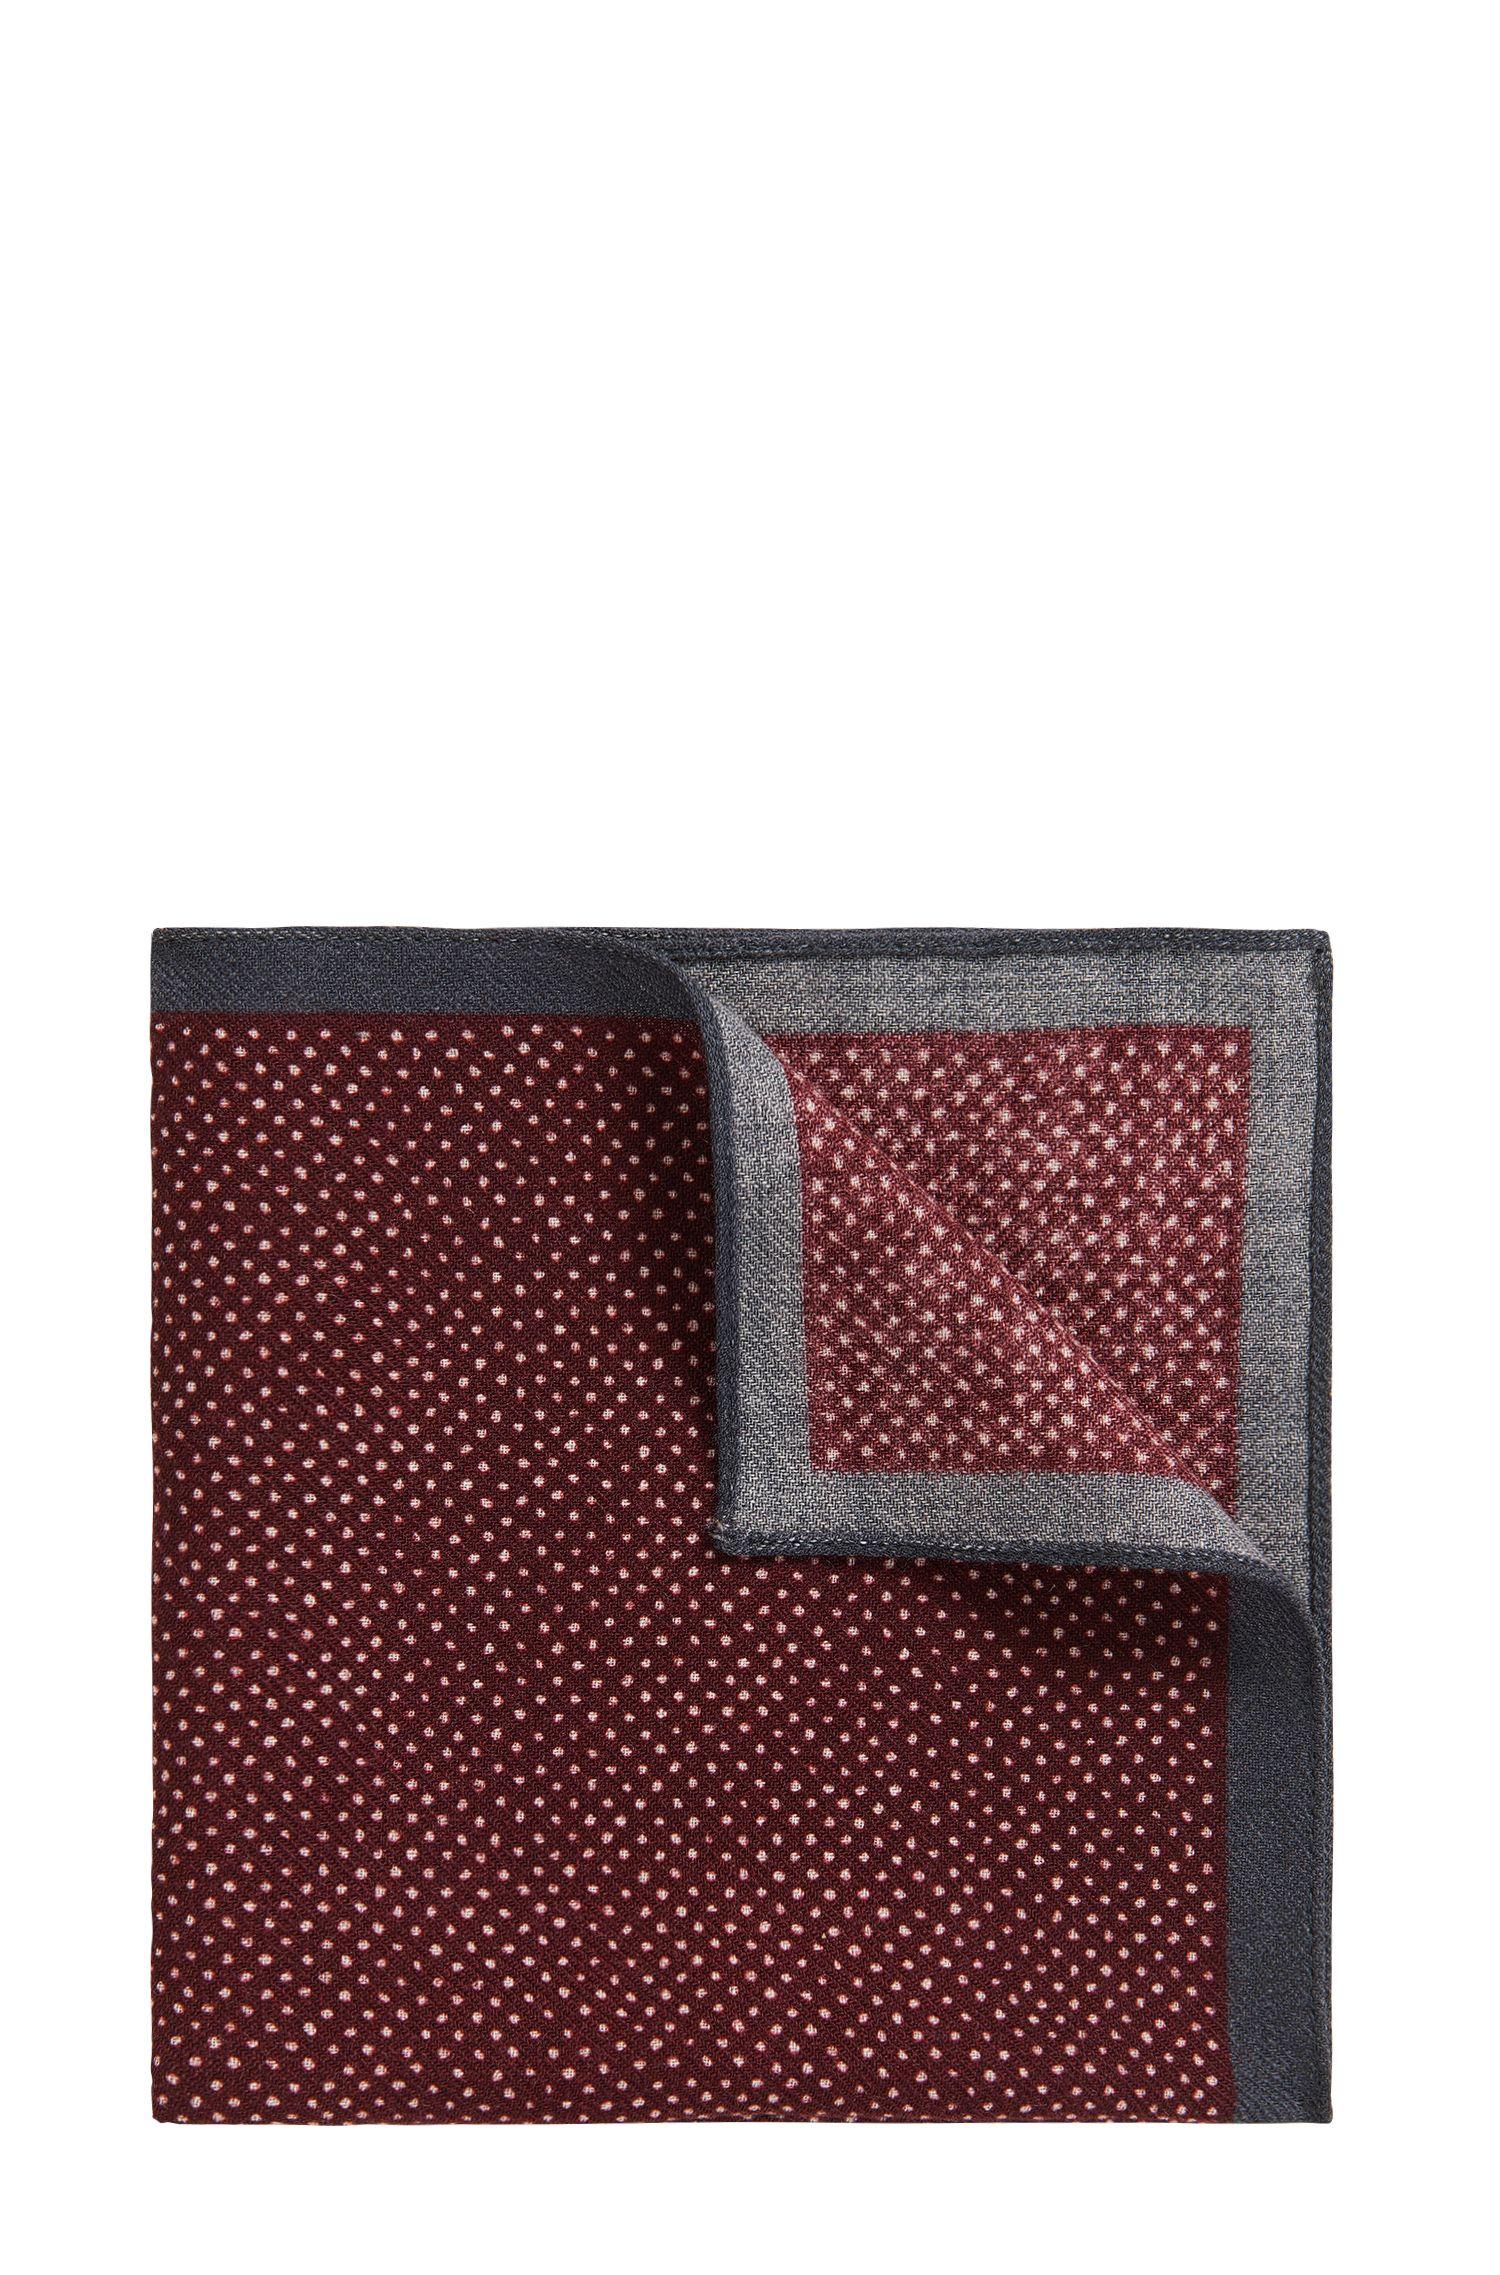 Pañuelo de bolsillo microestampado en sarga de lana